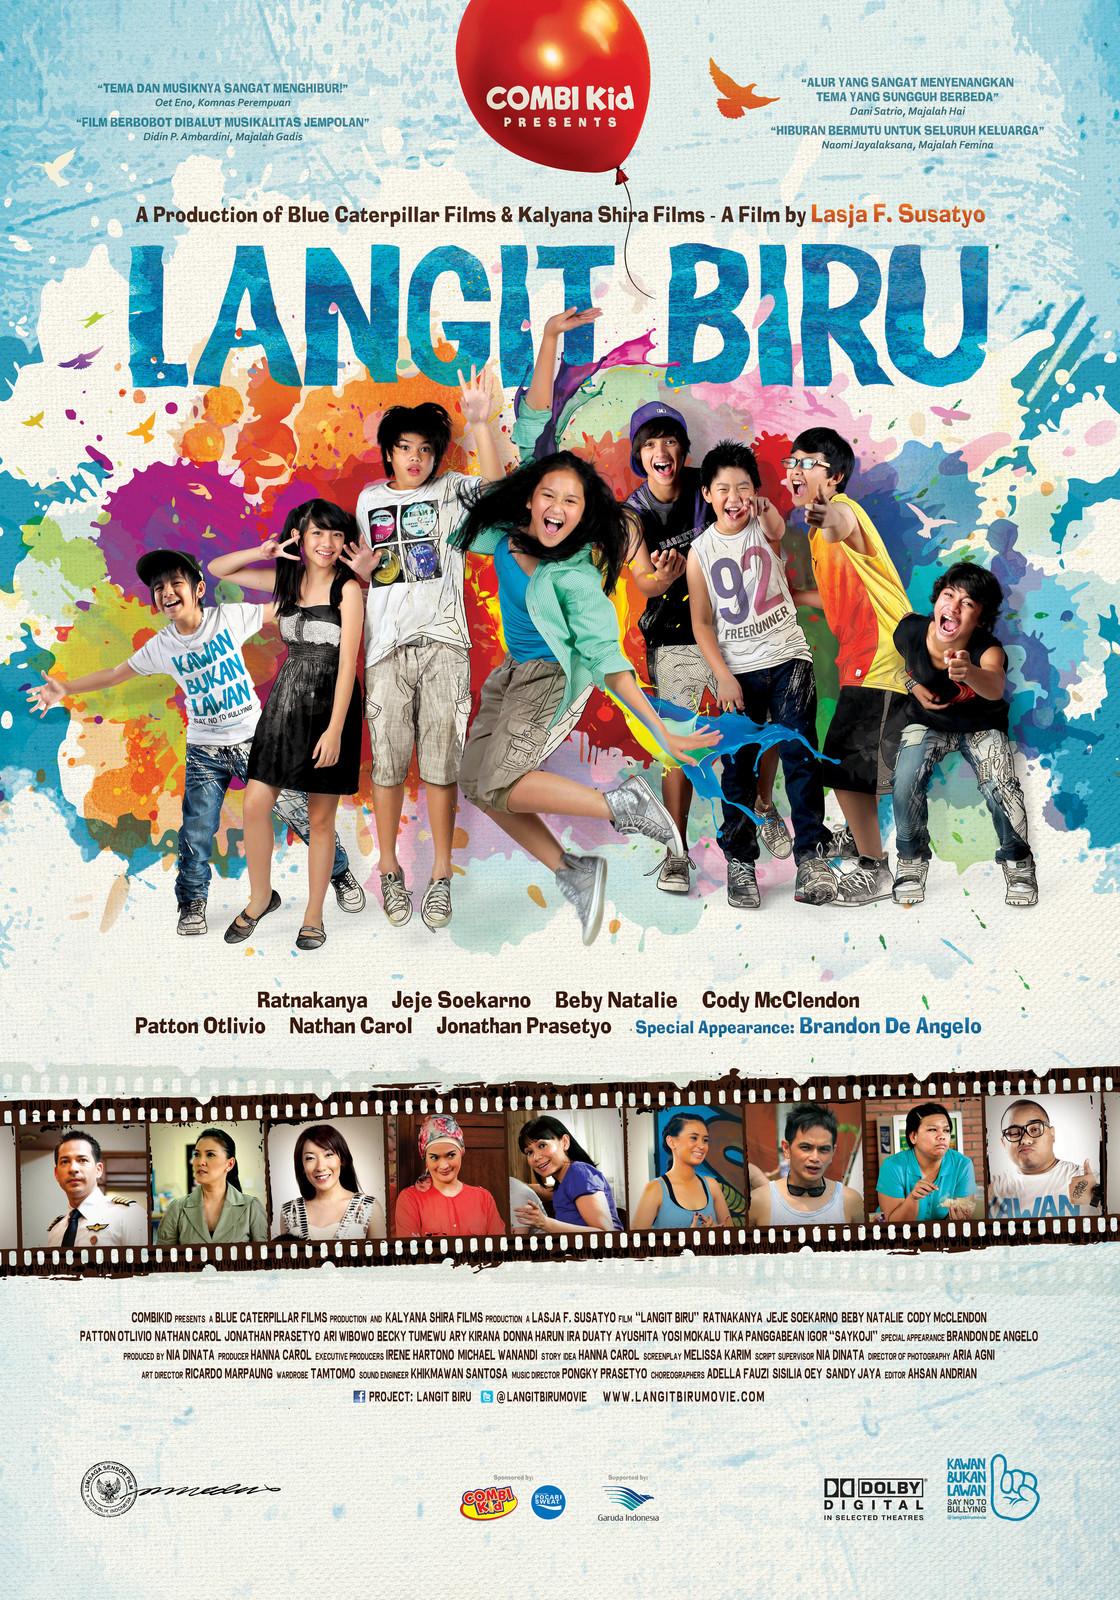 LANGIT BIRU Film Poster